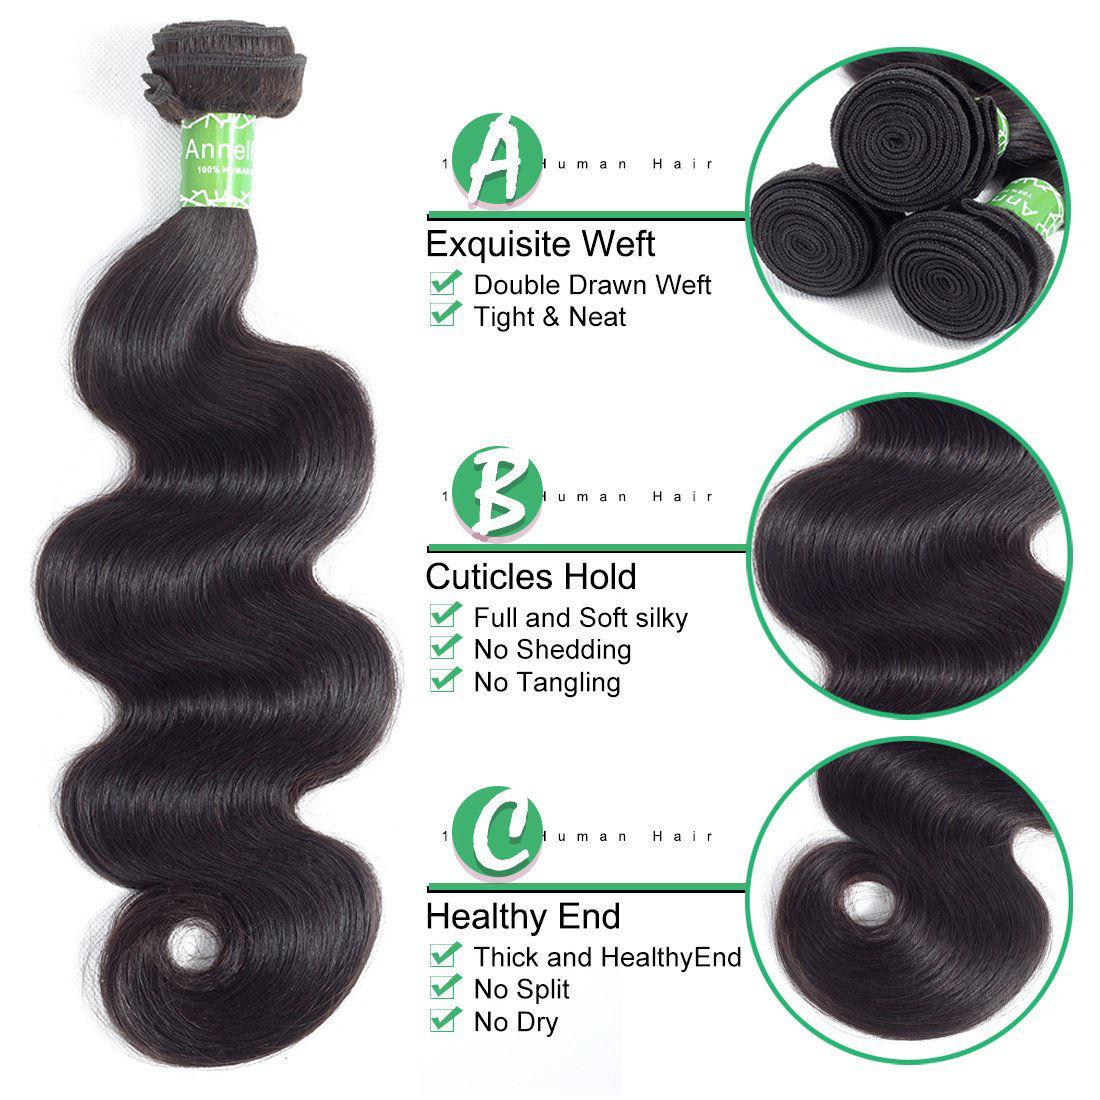 Brazilian Virgin Hair 4 Bundles Body Wave